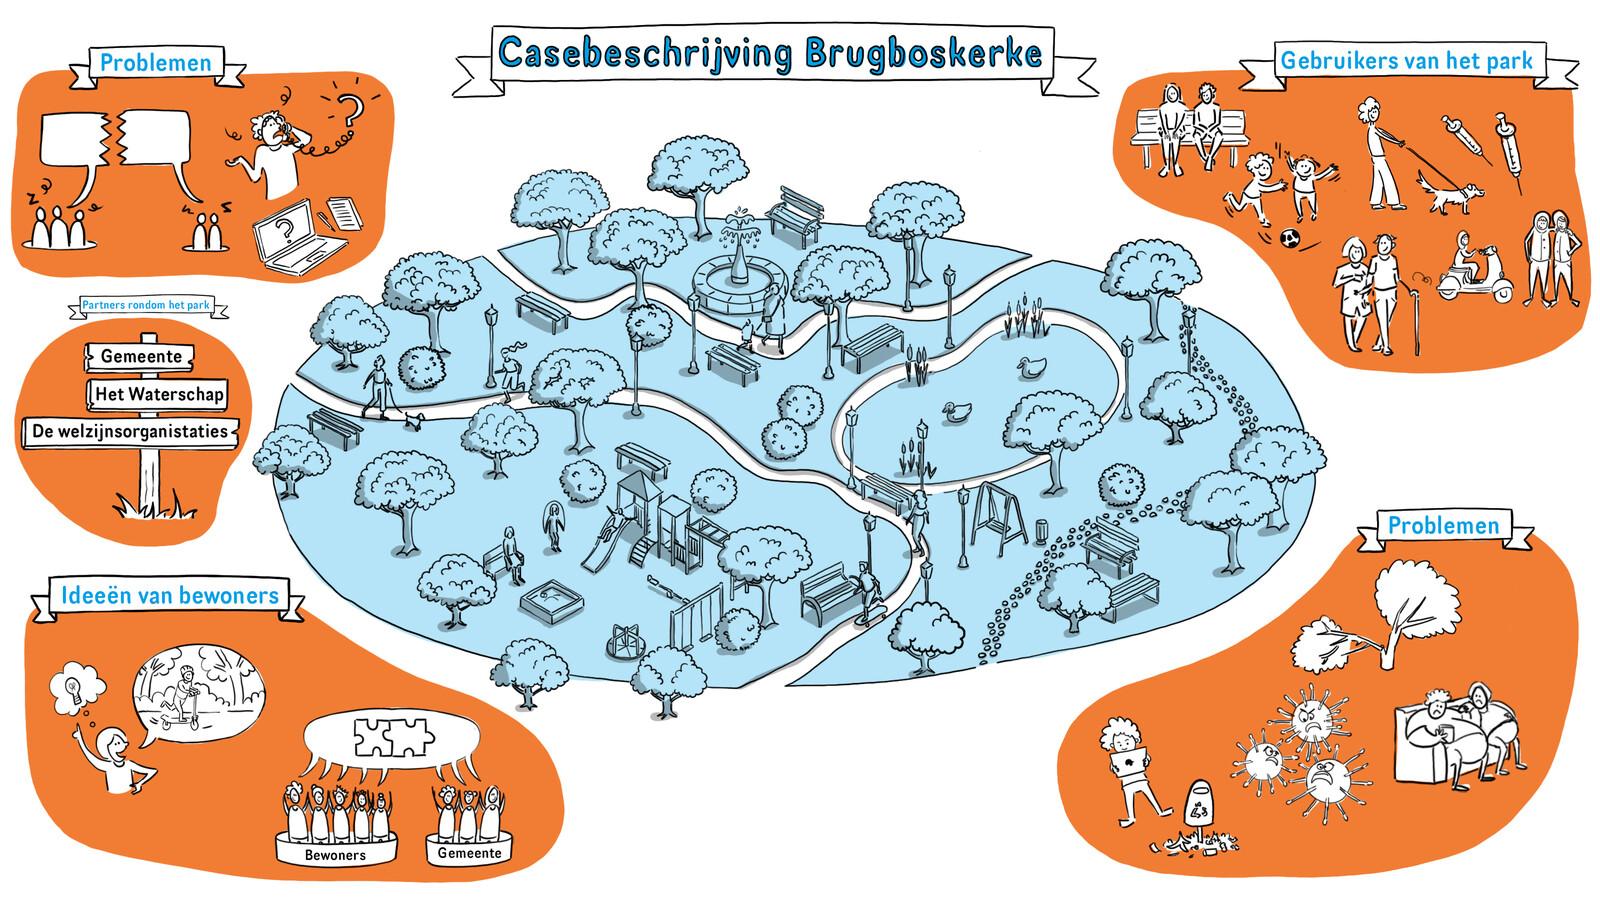 Case presentation Brugboskerke